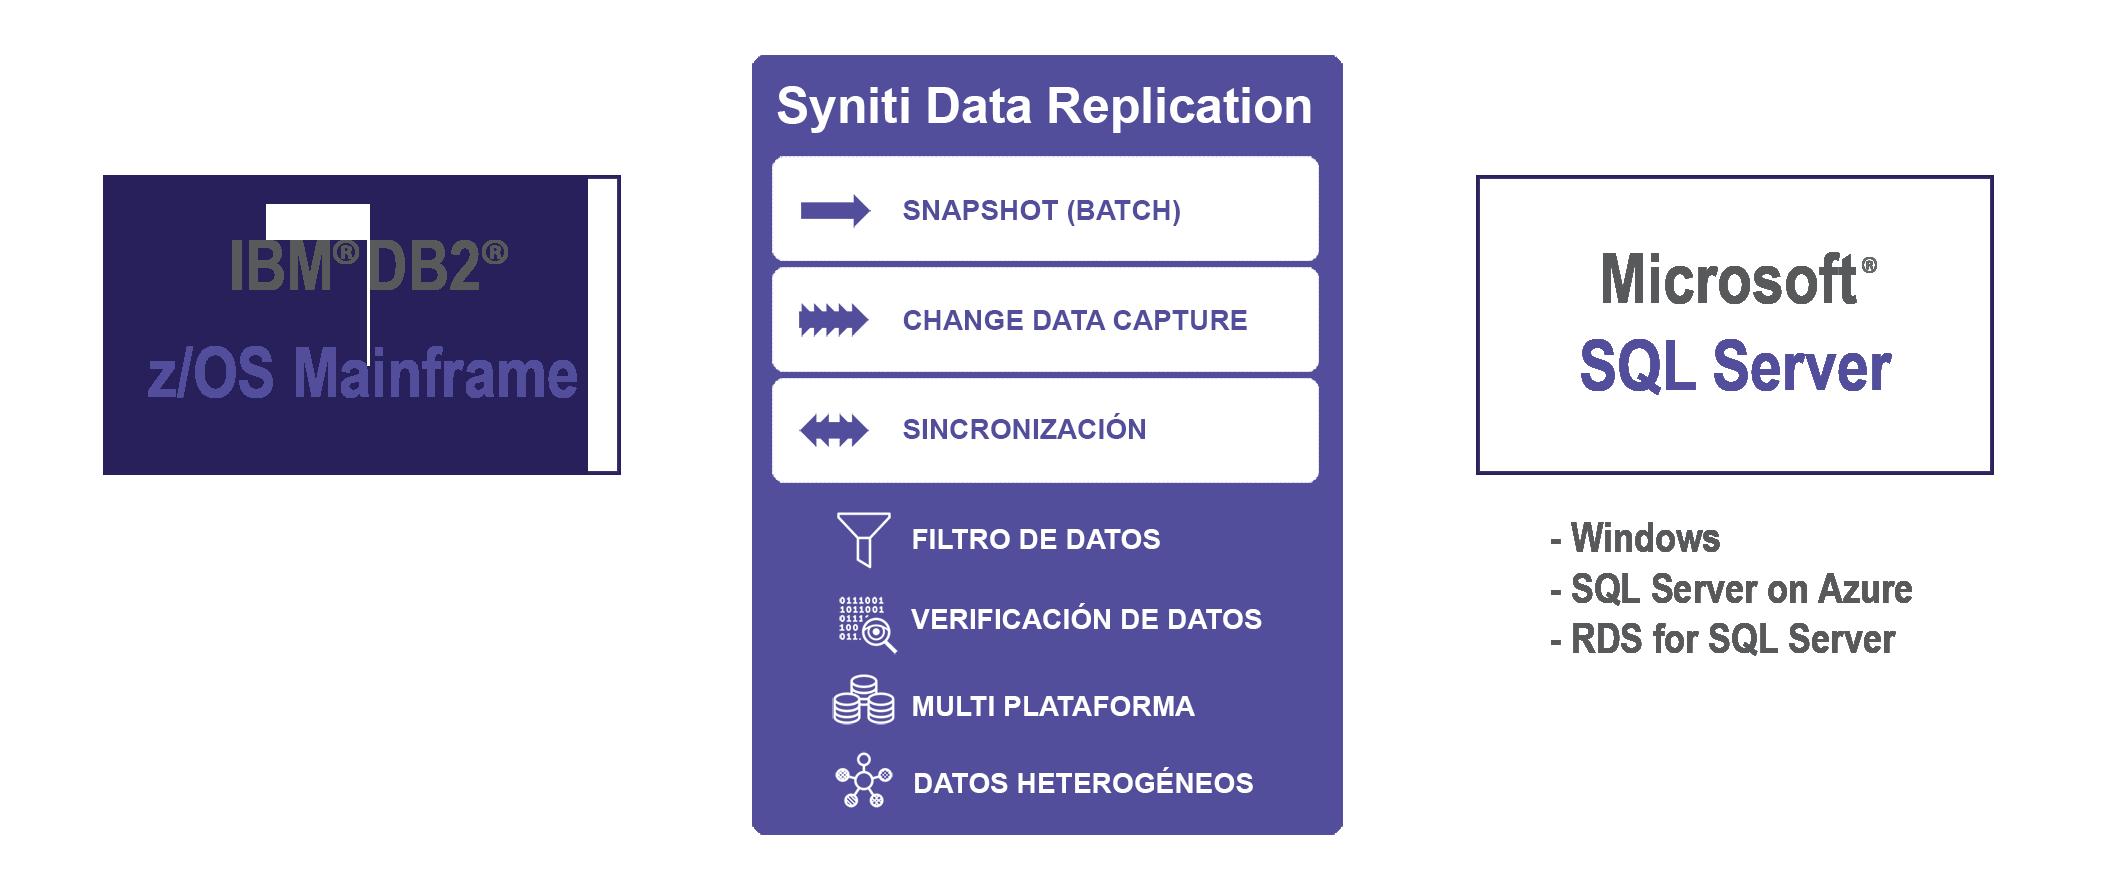 Replicacion de datos DB2 z/OS a SQL Server en tiempo real